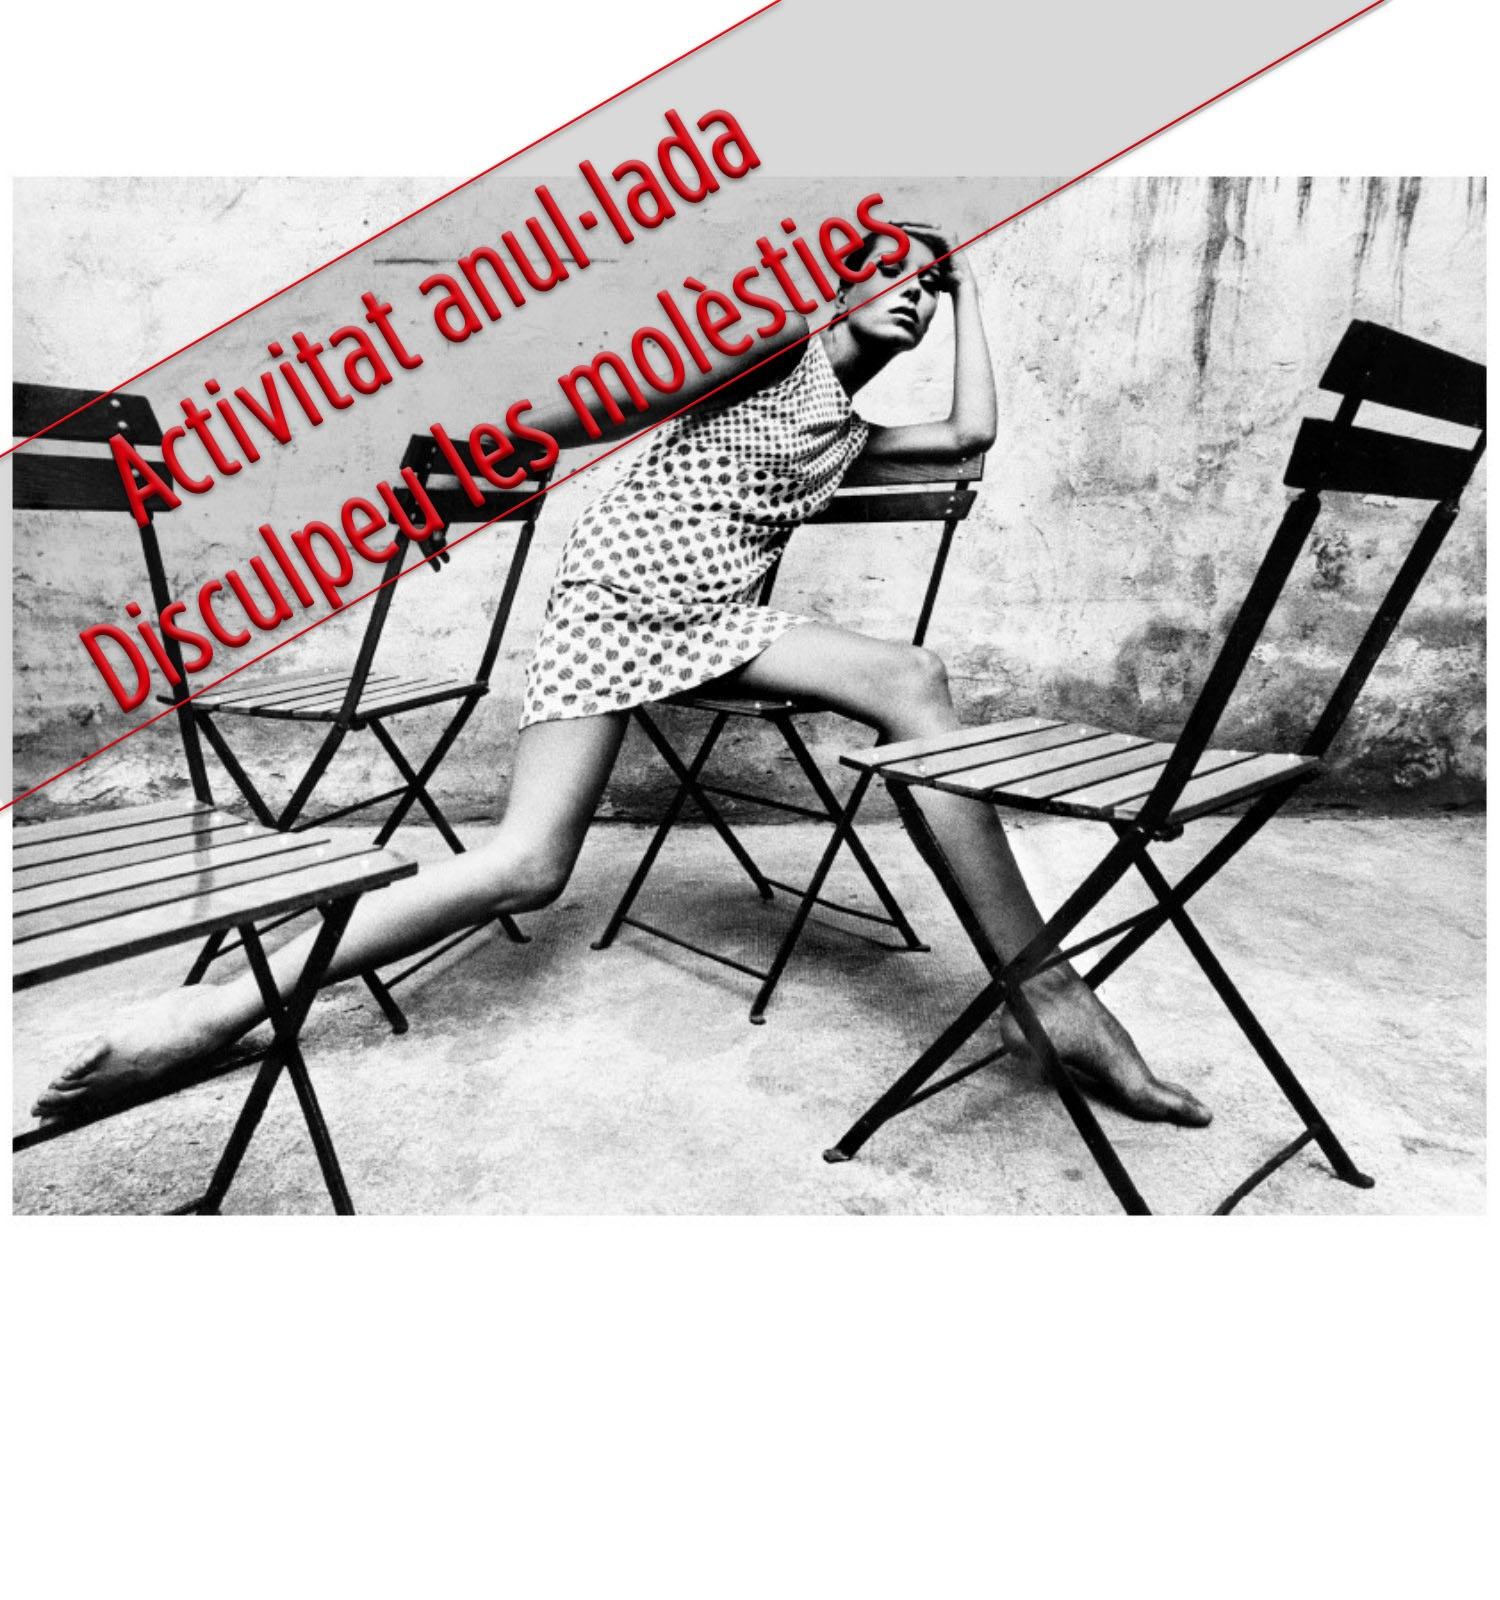 Oriol Maspons. Retrat Elsa Peretti. Detall, 1966. Museu Nacional d'Art de Catalunya, dipòsit de l'artista, 2011 © Arxiu fotogràfic Oriol Maspons, VEGAP, Barcelona, 2019